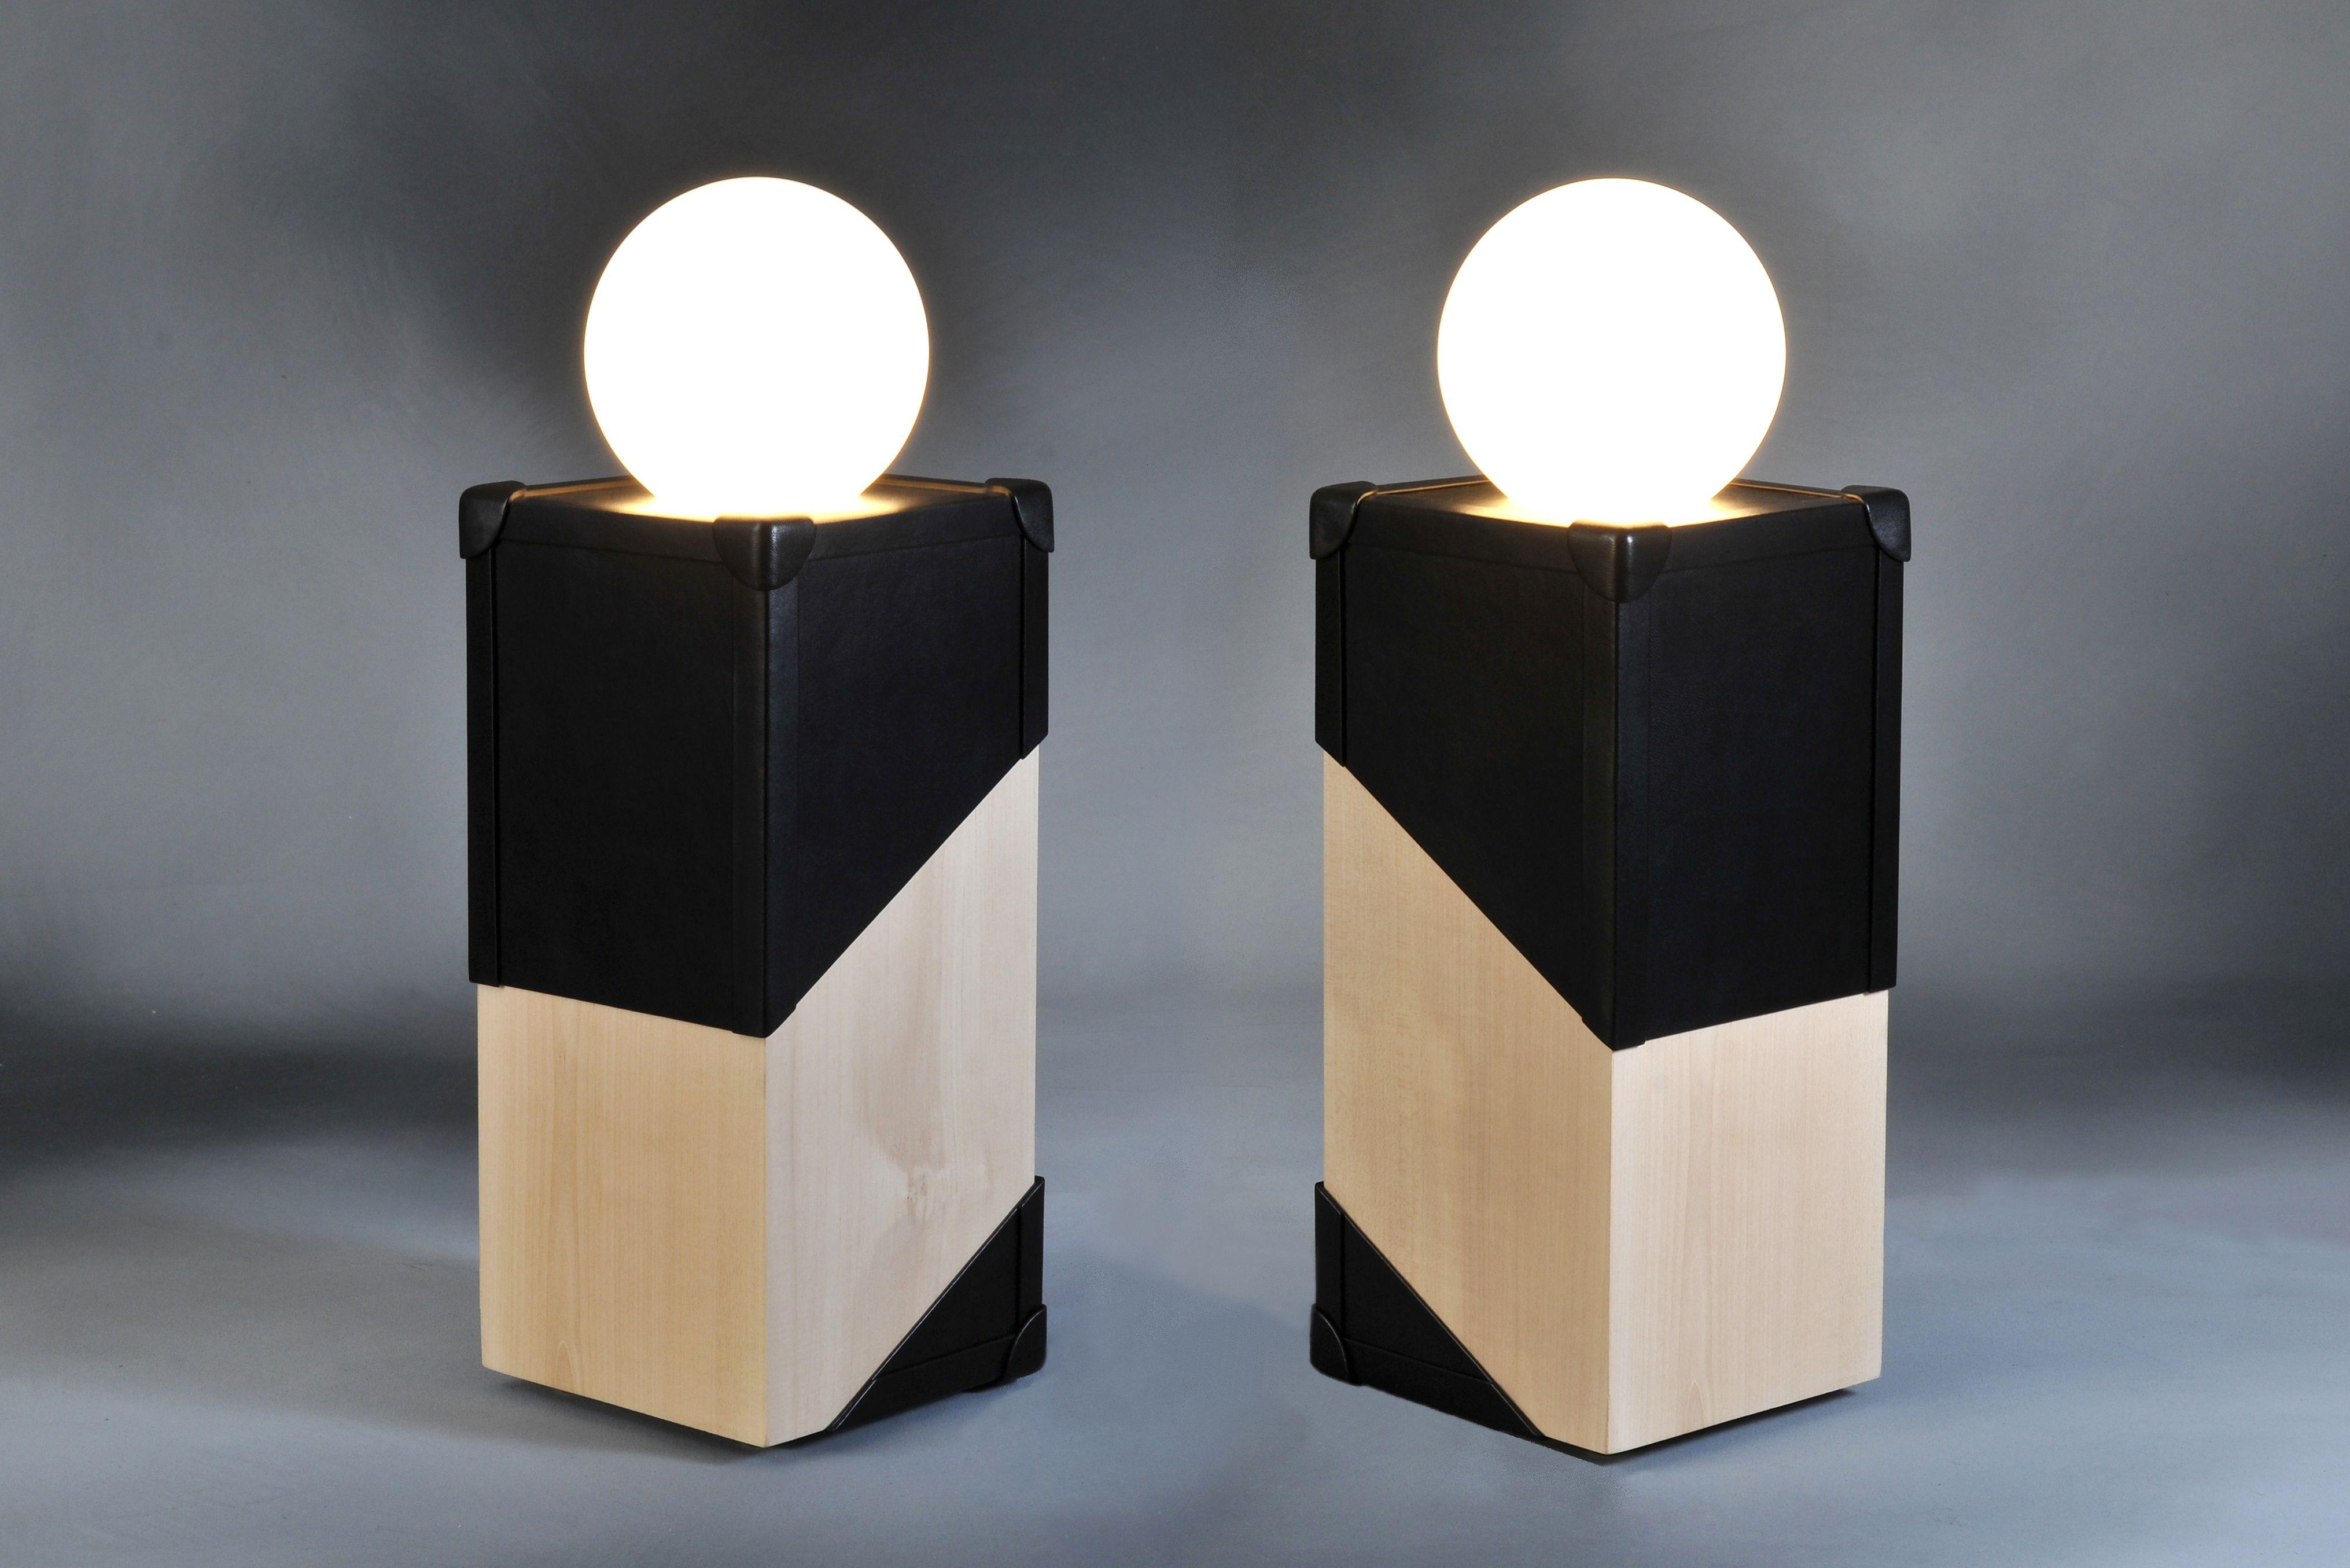 lampes design  poser La malle en lumi¨re Luminaire bloc de